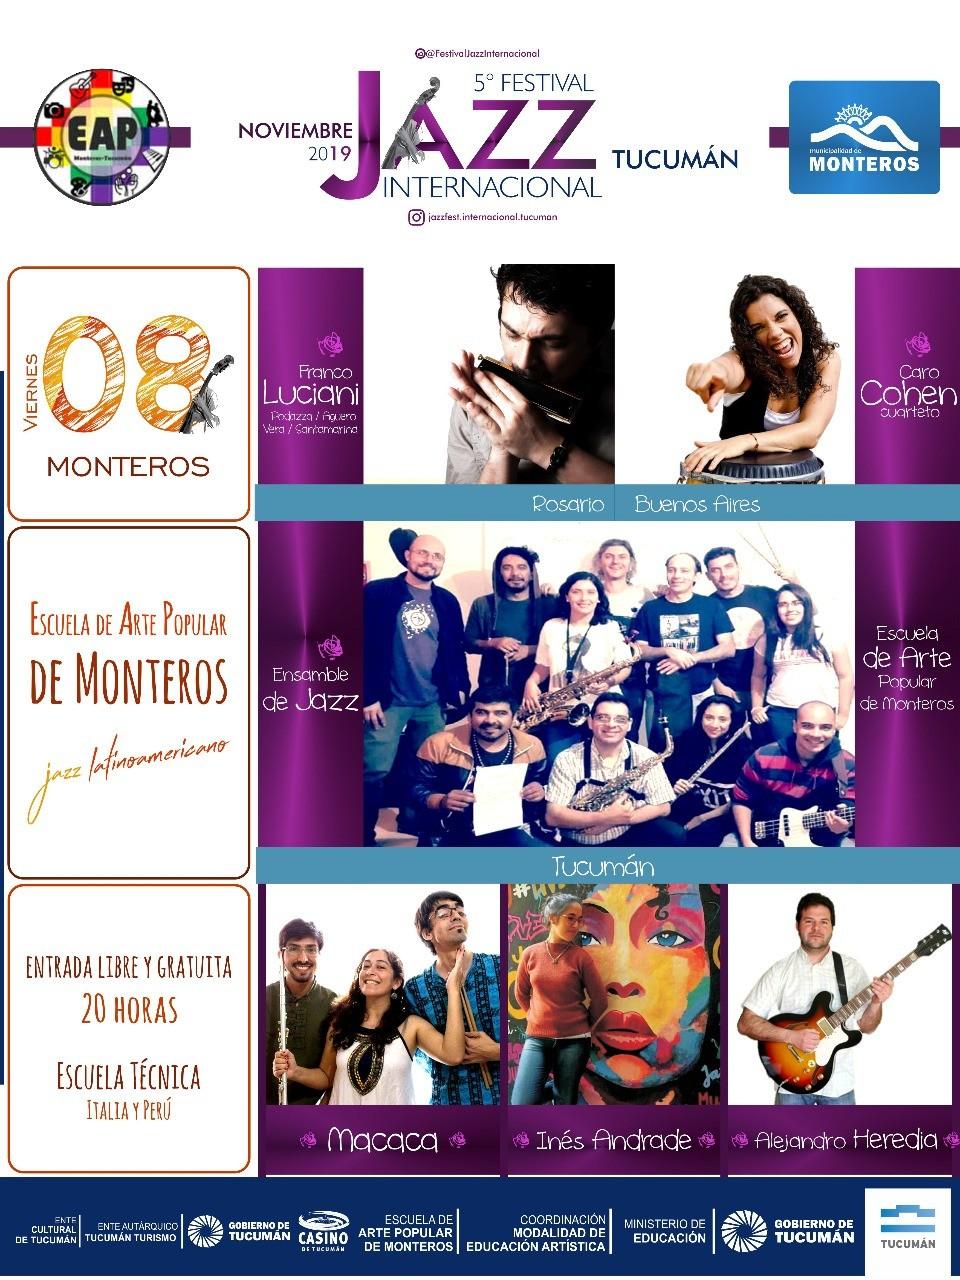 Festival Internacional de Jazz en la Escuela de Arte Popular